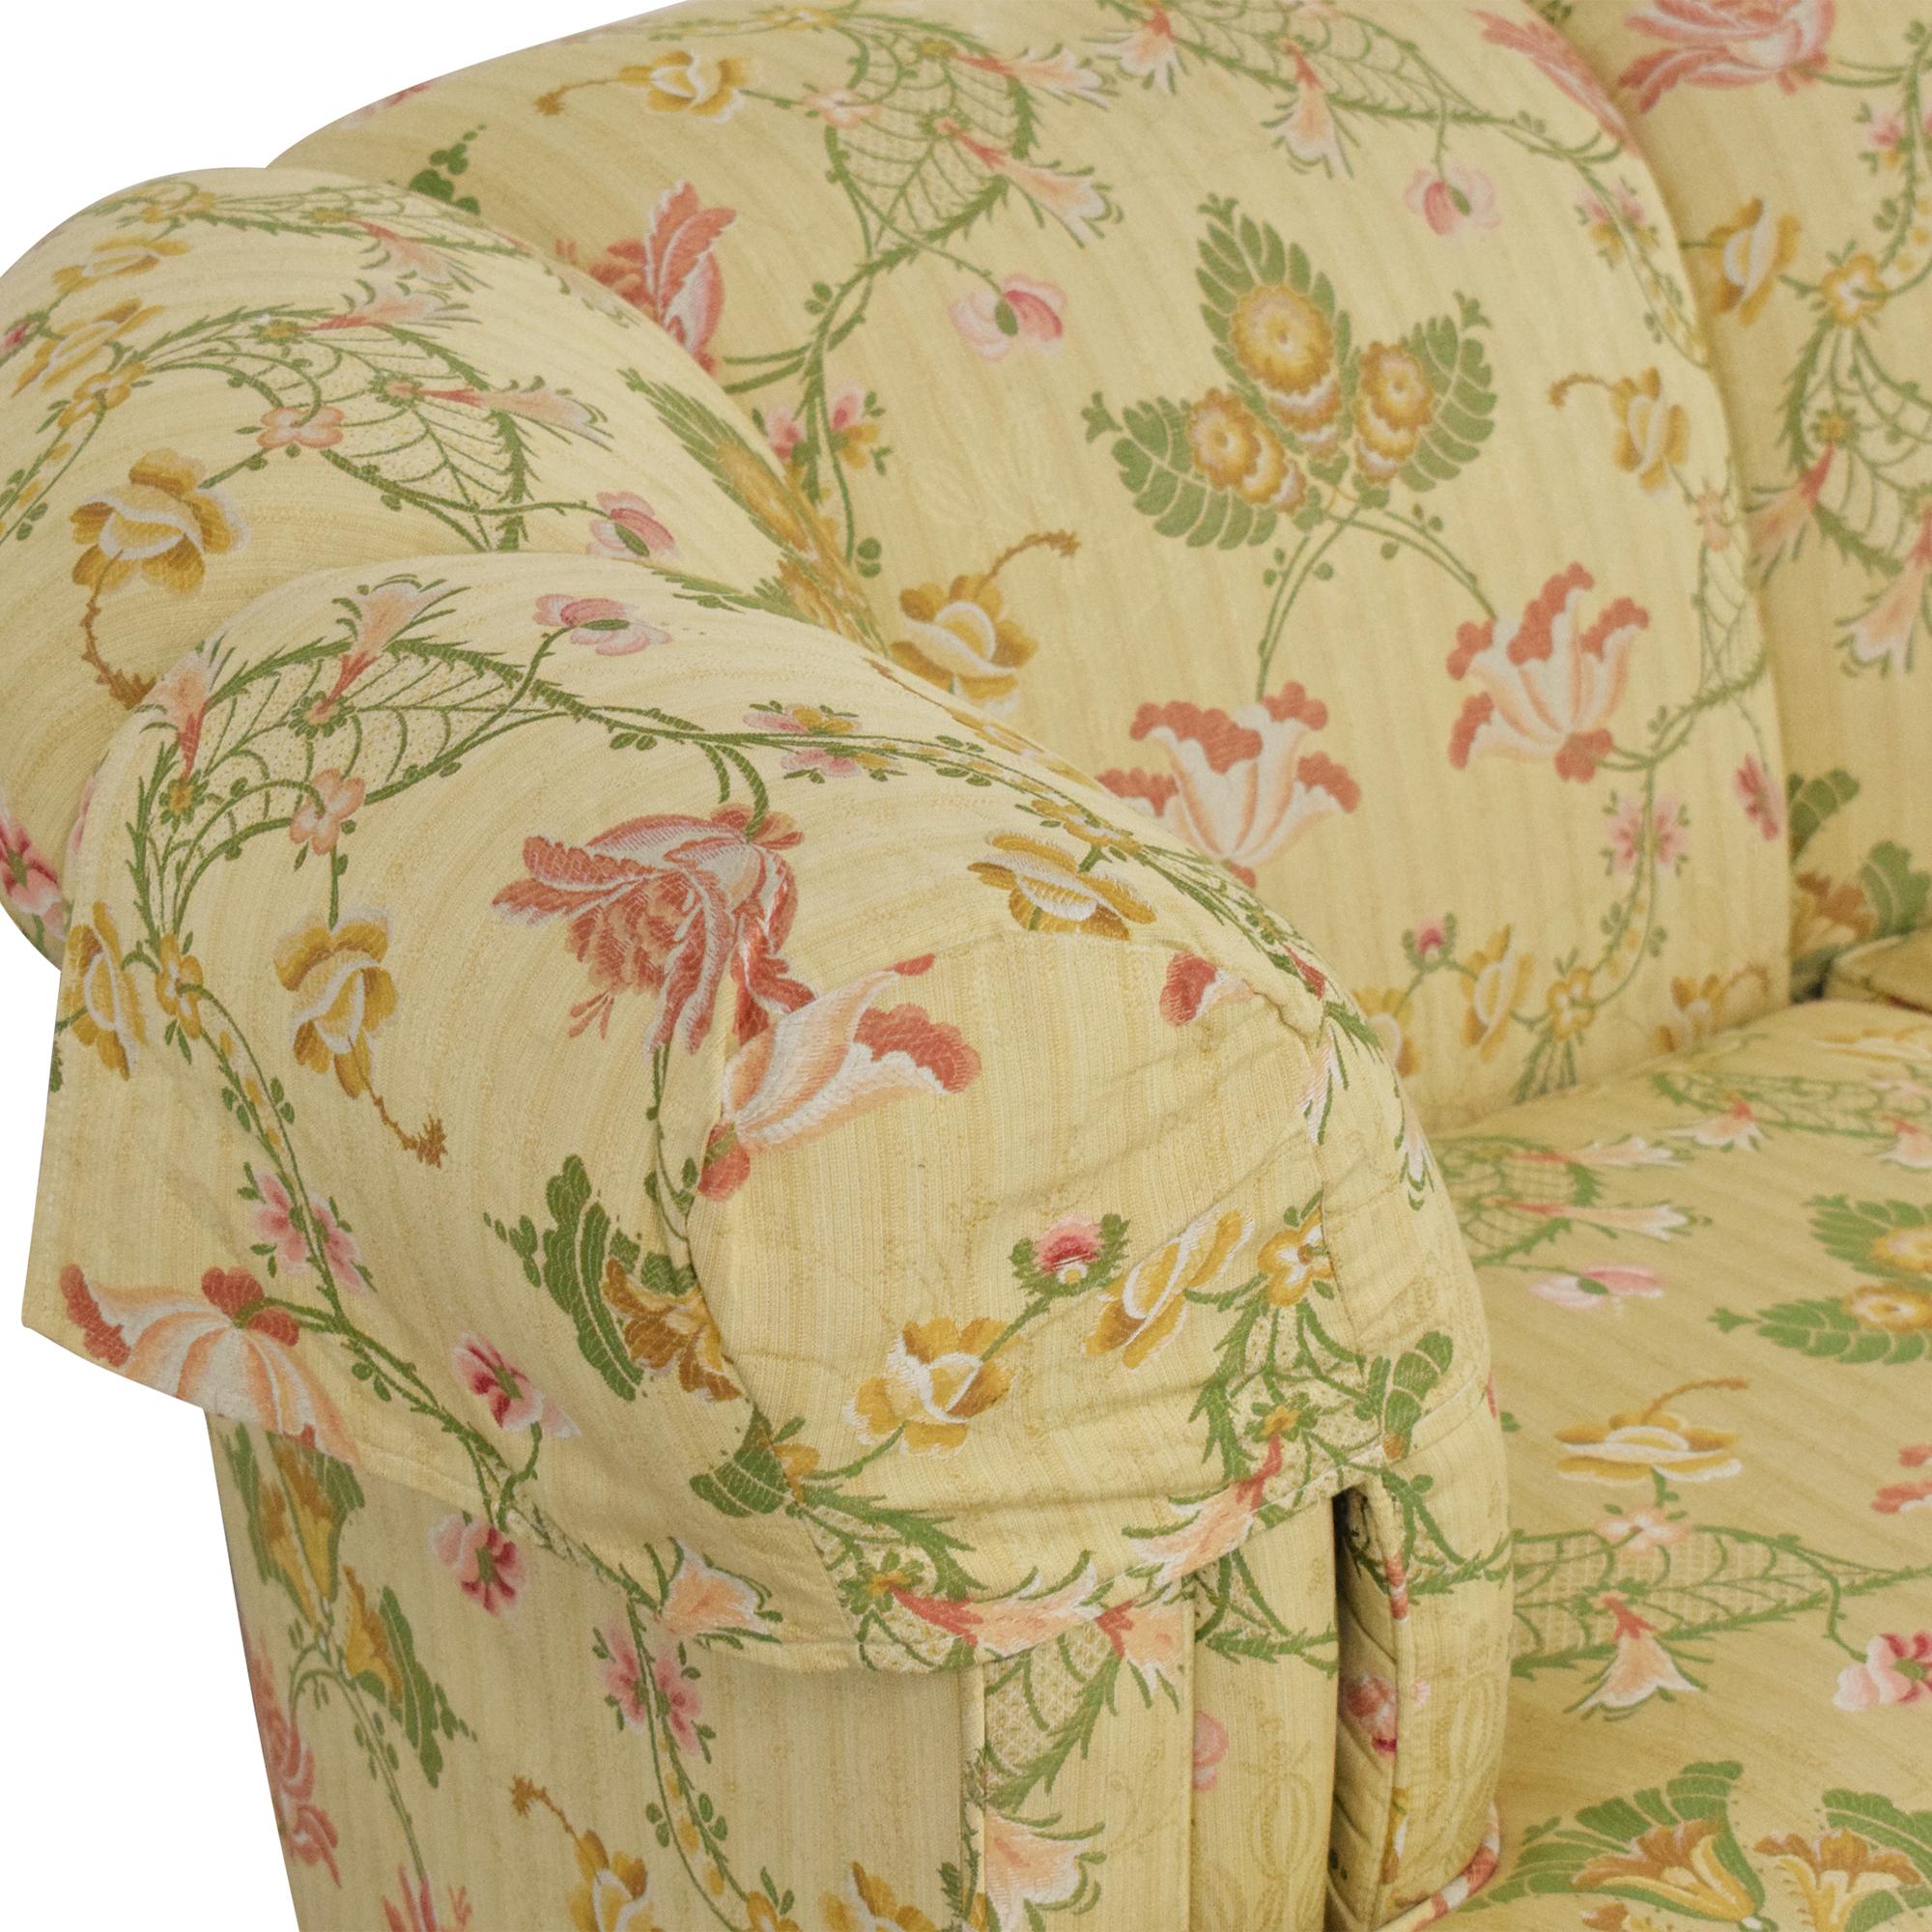 Kindel Kindel Floral Crescent Sofa nj